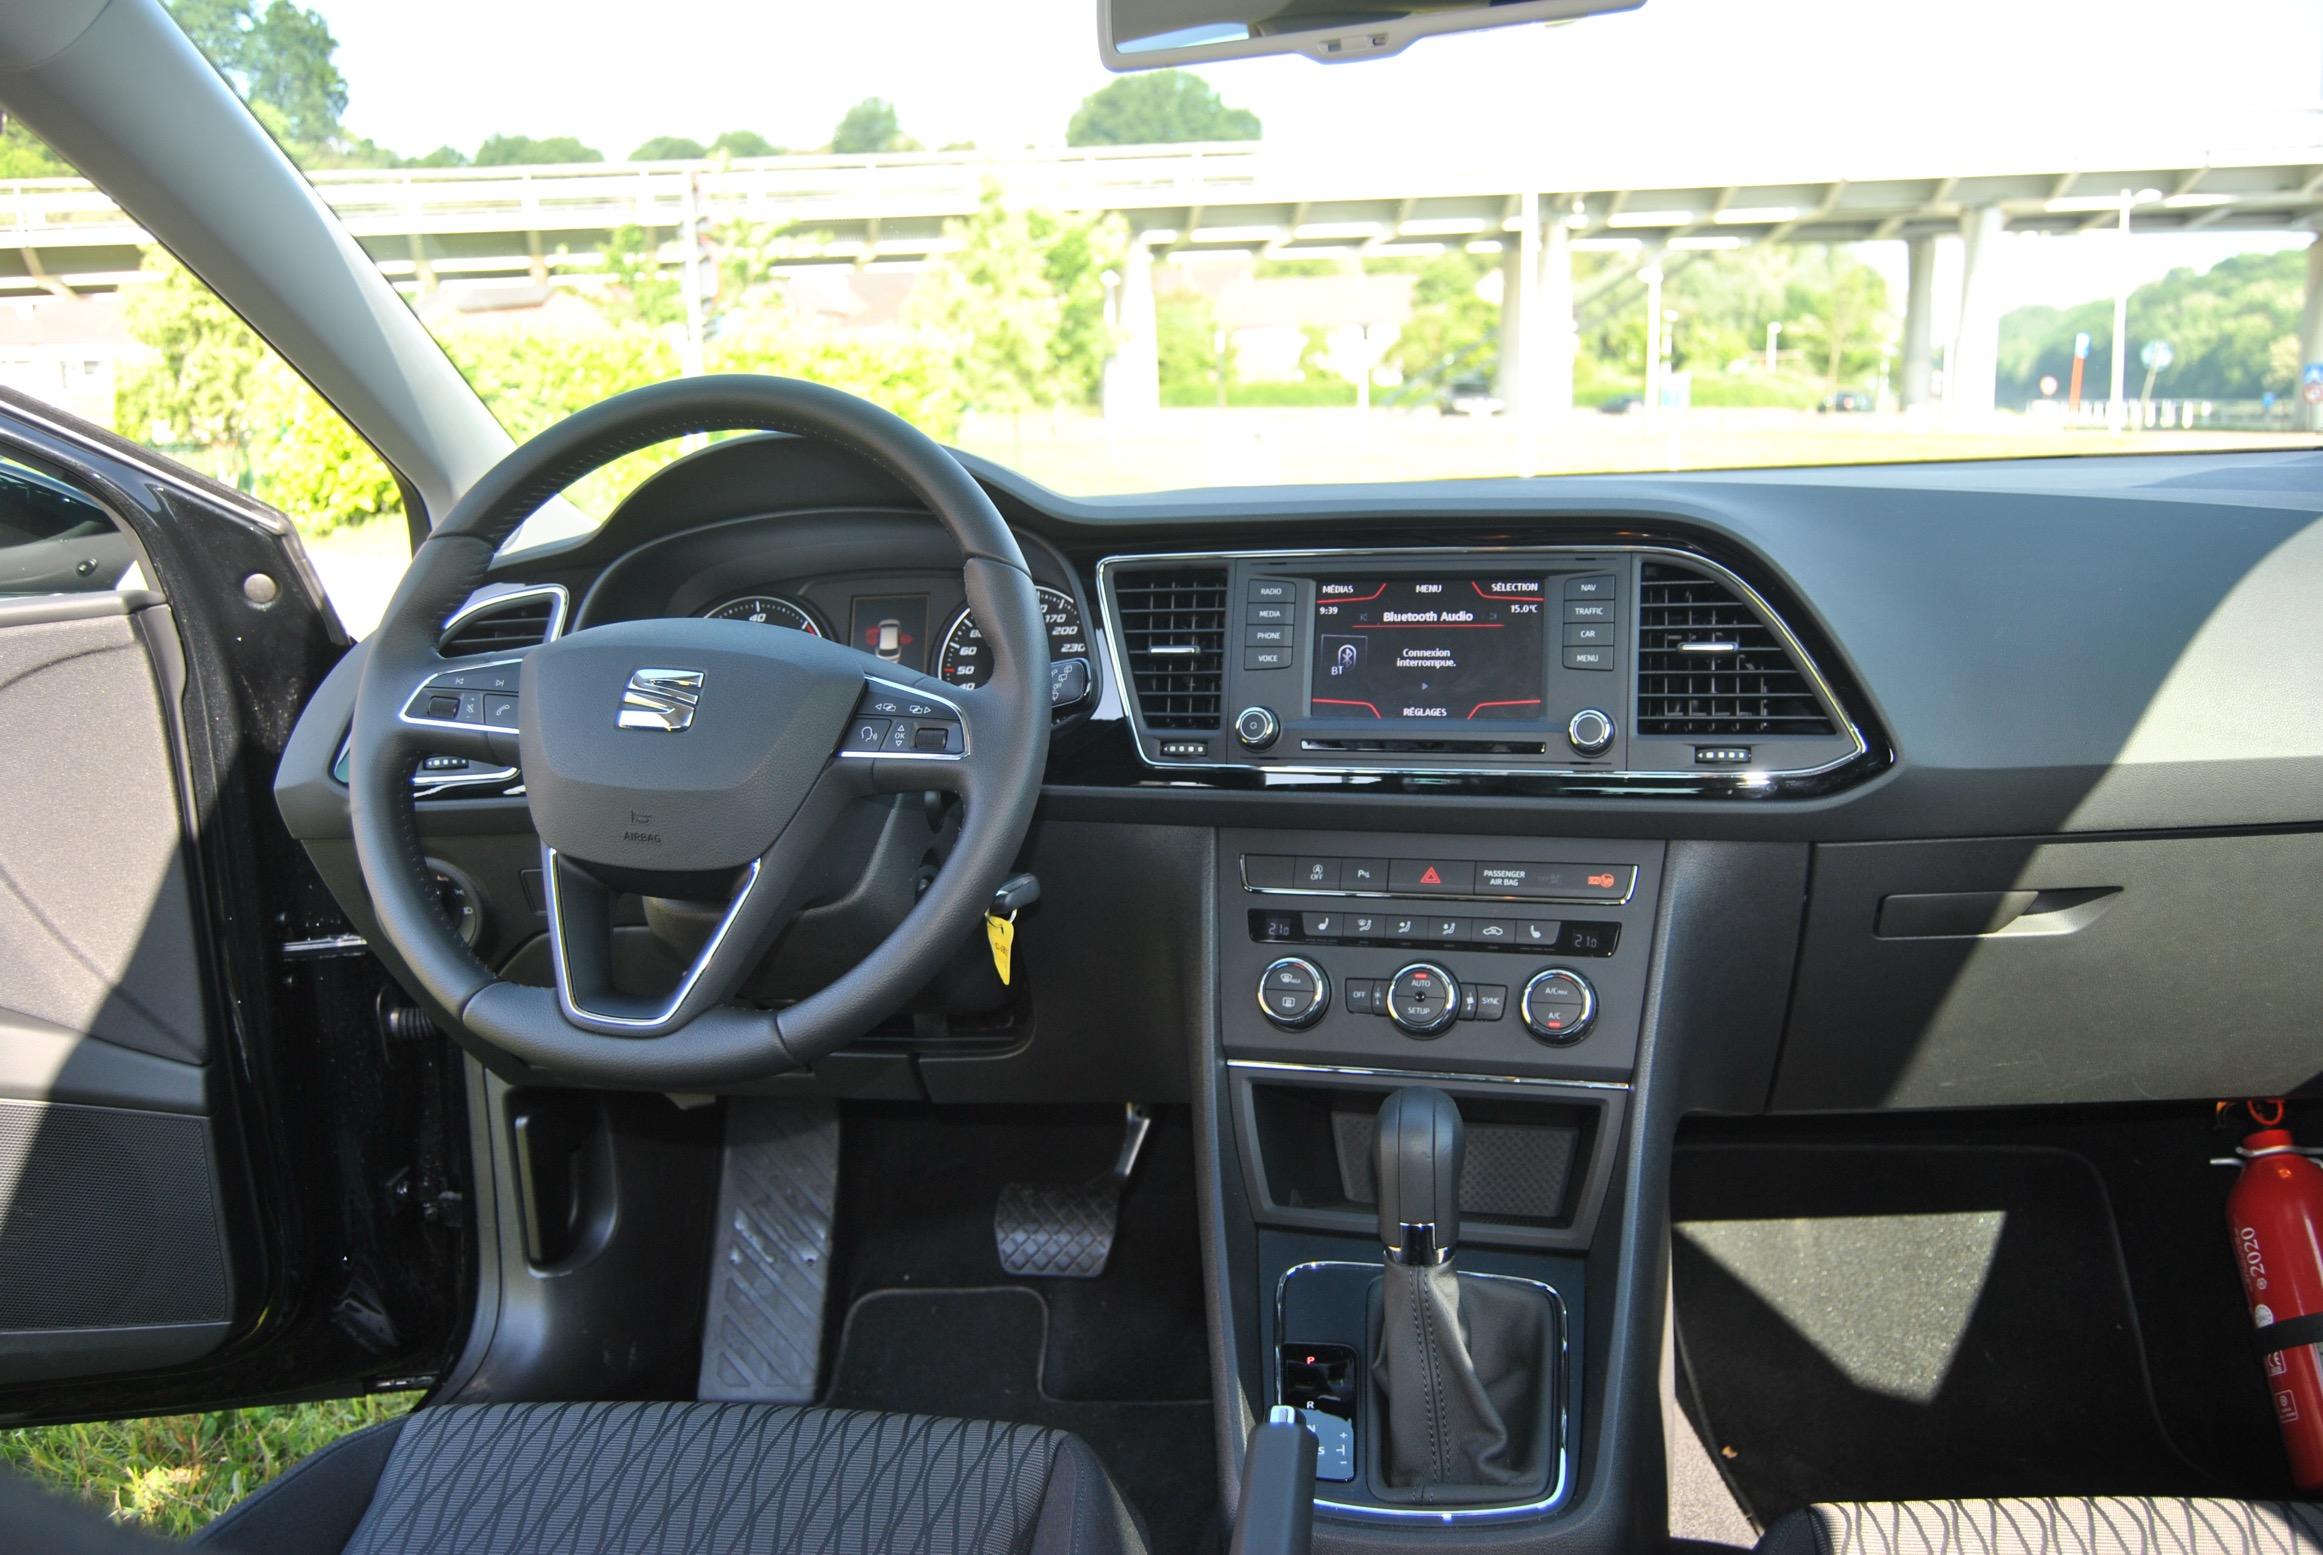 une semaine au volant de la seat leon st 1 6 tdi 105 ch link2fleet for a smarter mobility. Black Bedroom Furniture Sets. Home Design Ideas